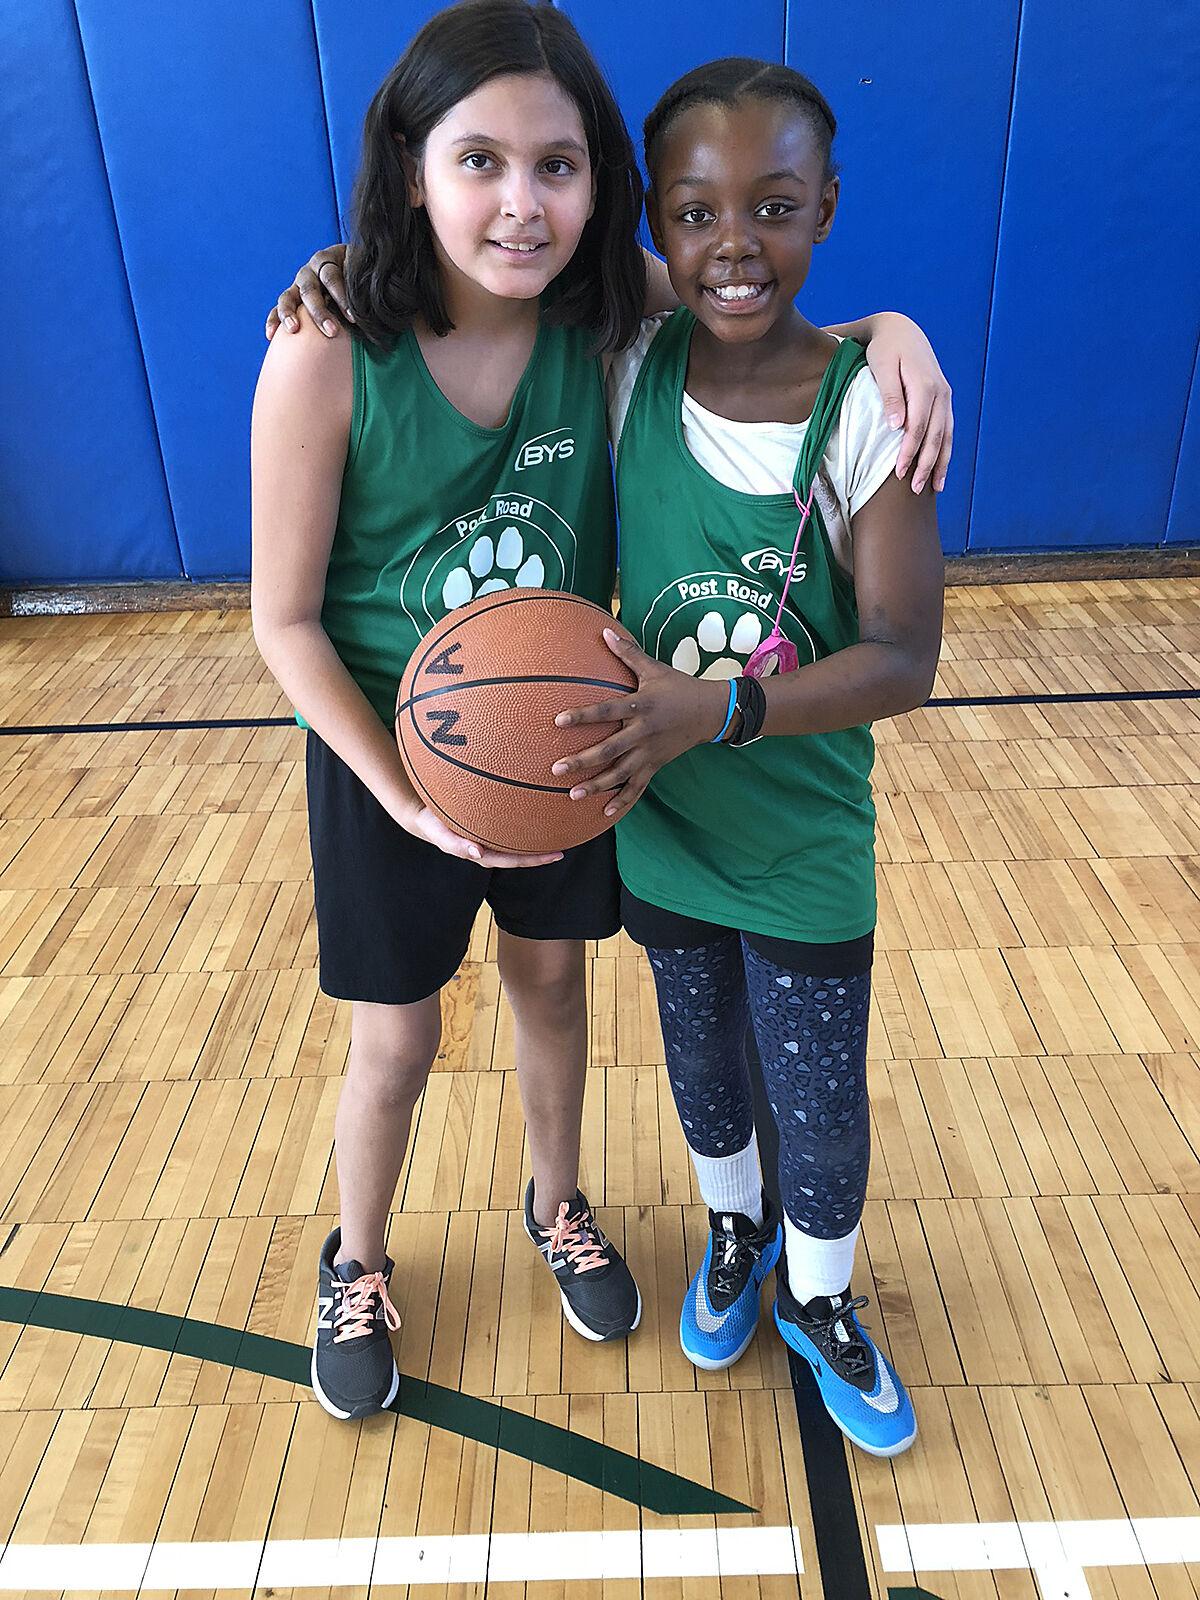 mvp backyard sports kids.jpg